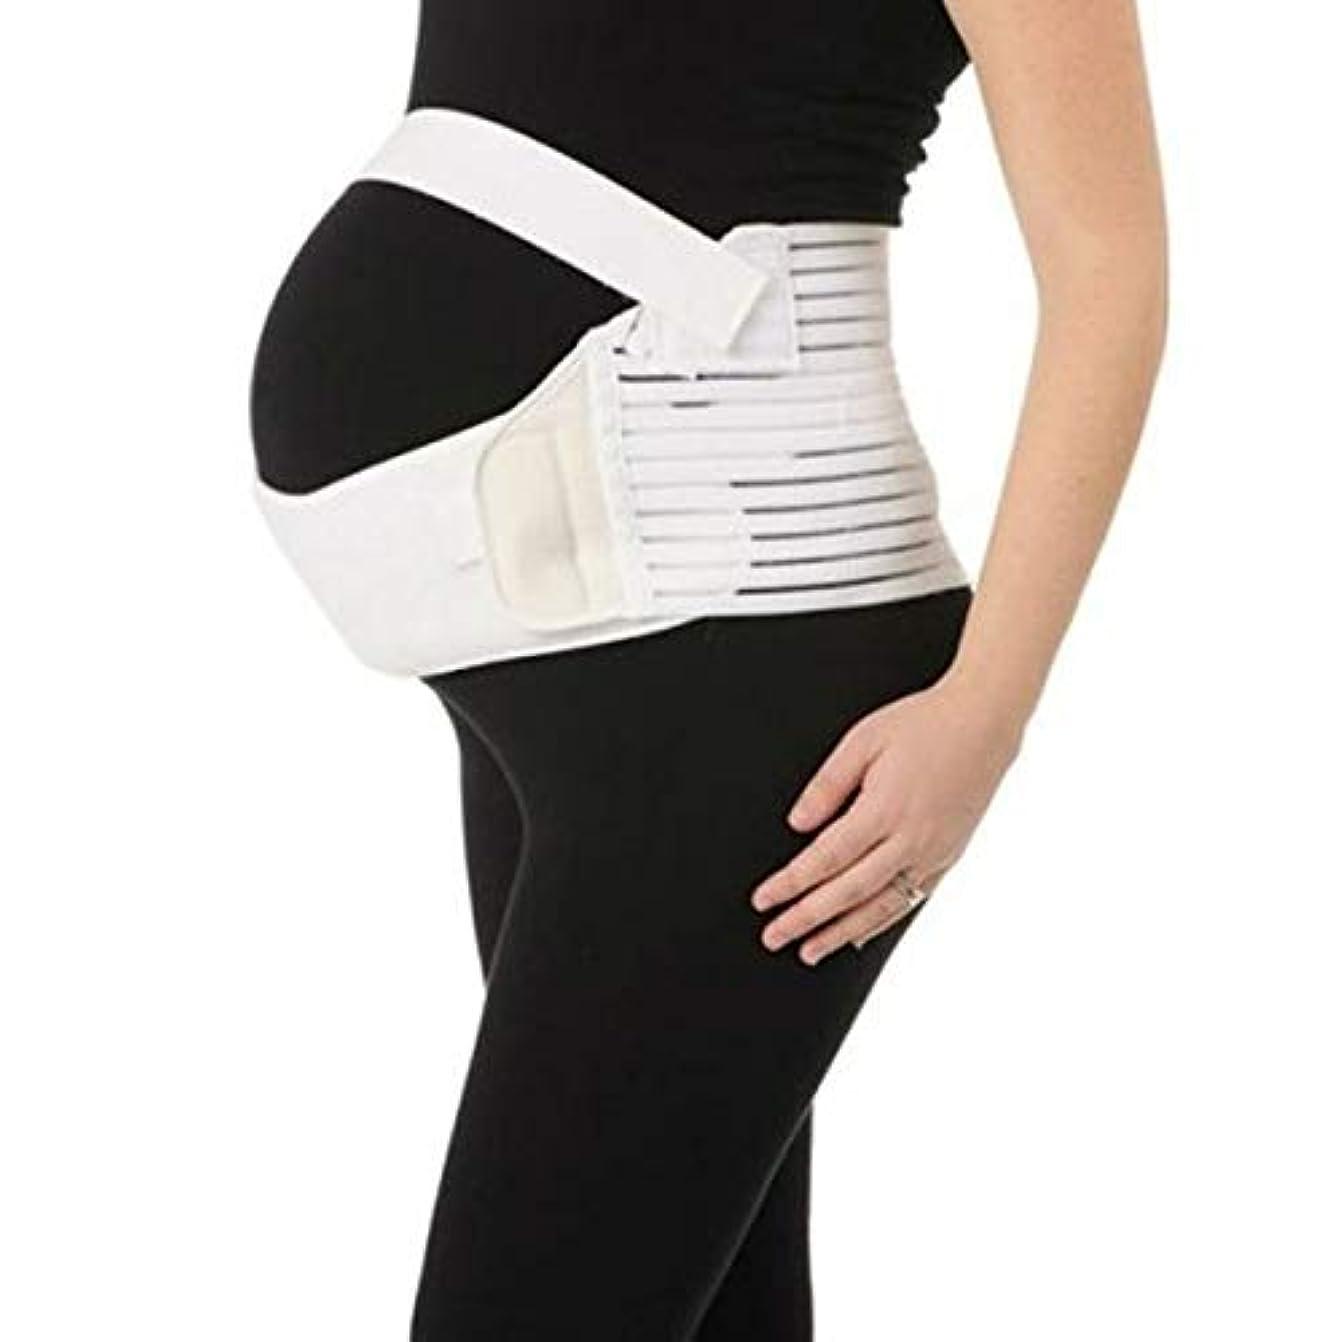 障害者洗剤ピービッシュ通気性マタニティベルト妊娠腹部サポート腹部バインダーガードル運動包帯産後の回復shapewear - ホワイトL